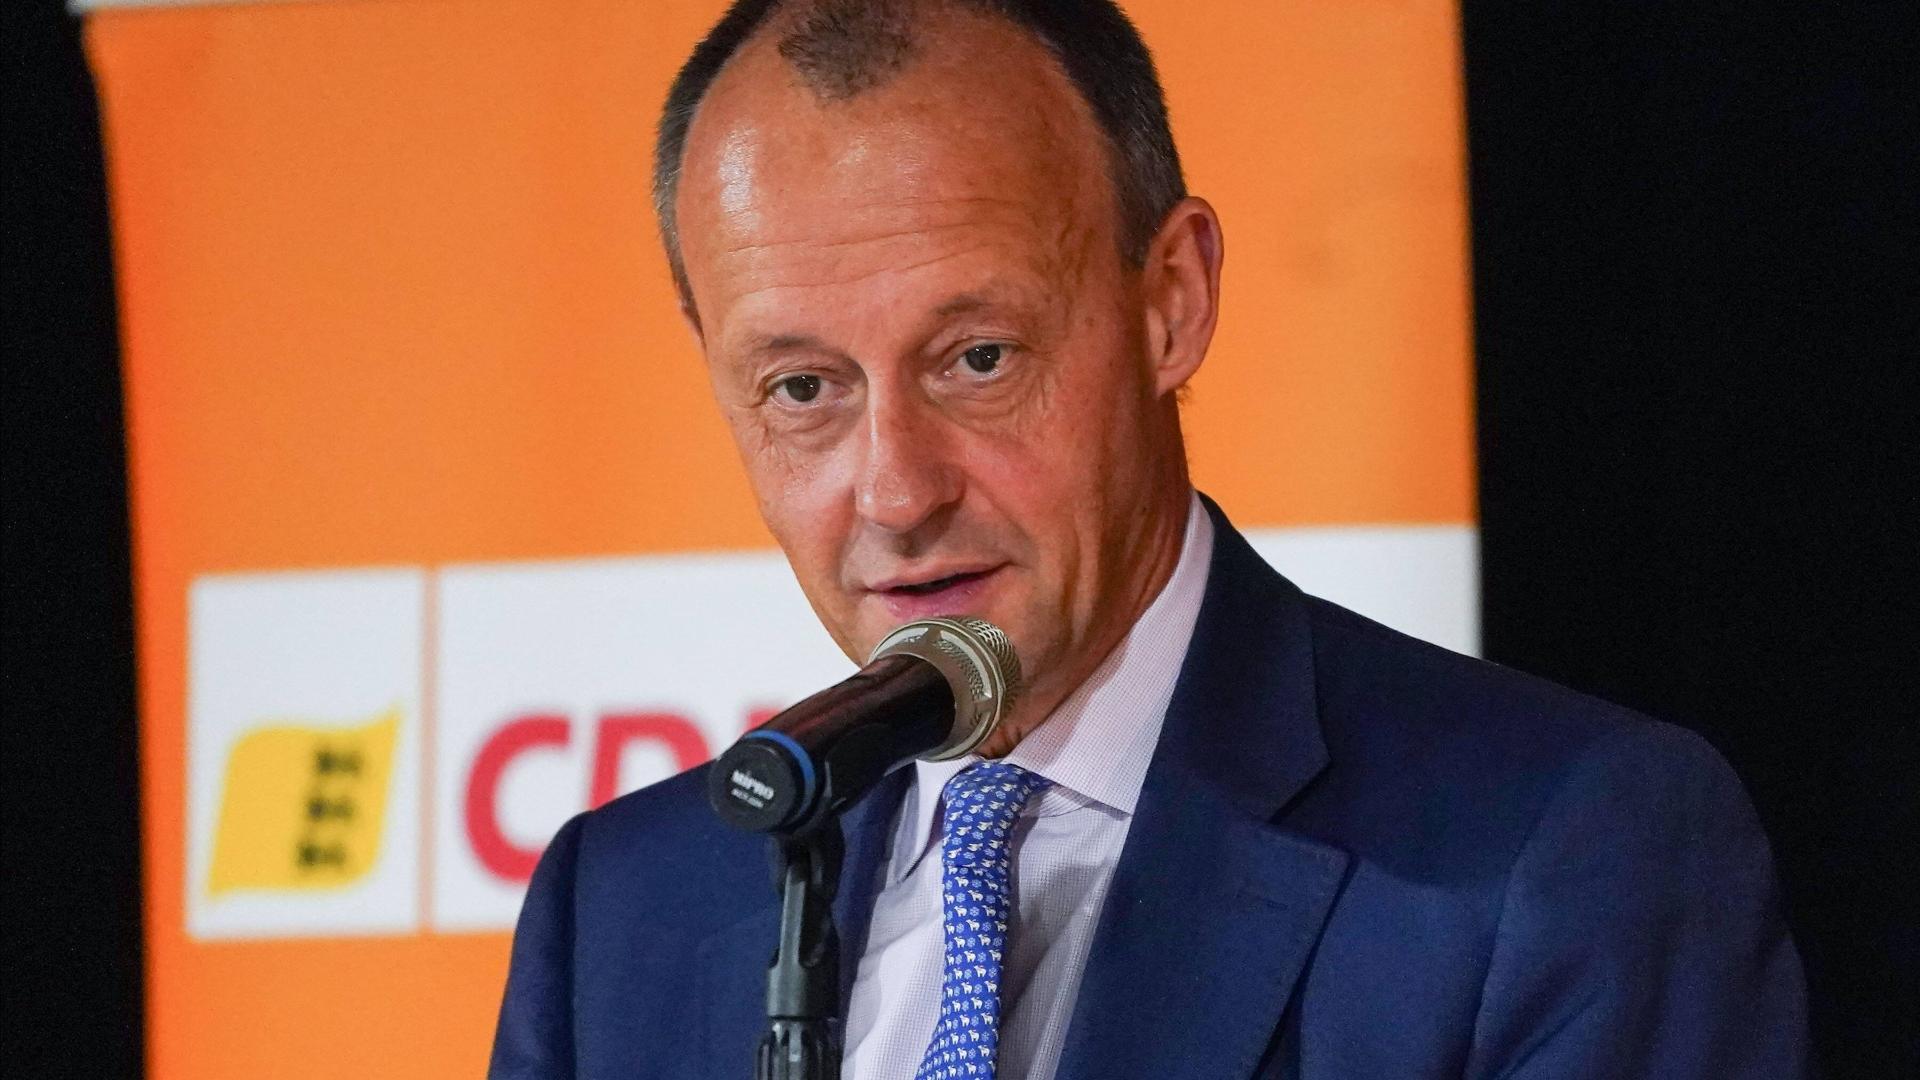 Friedrich merz CDU